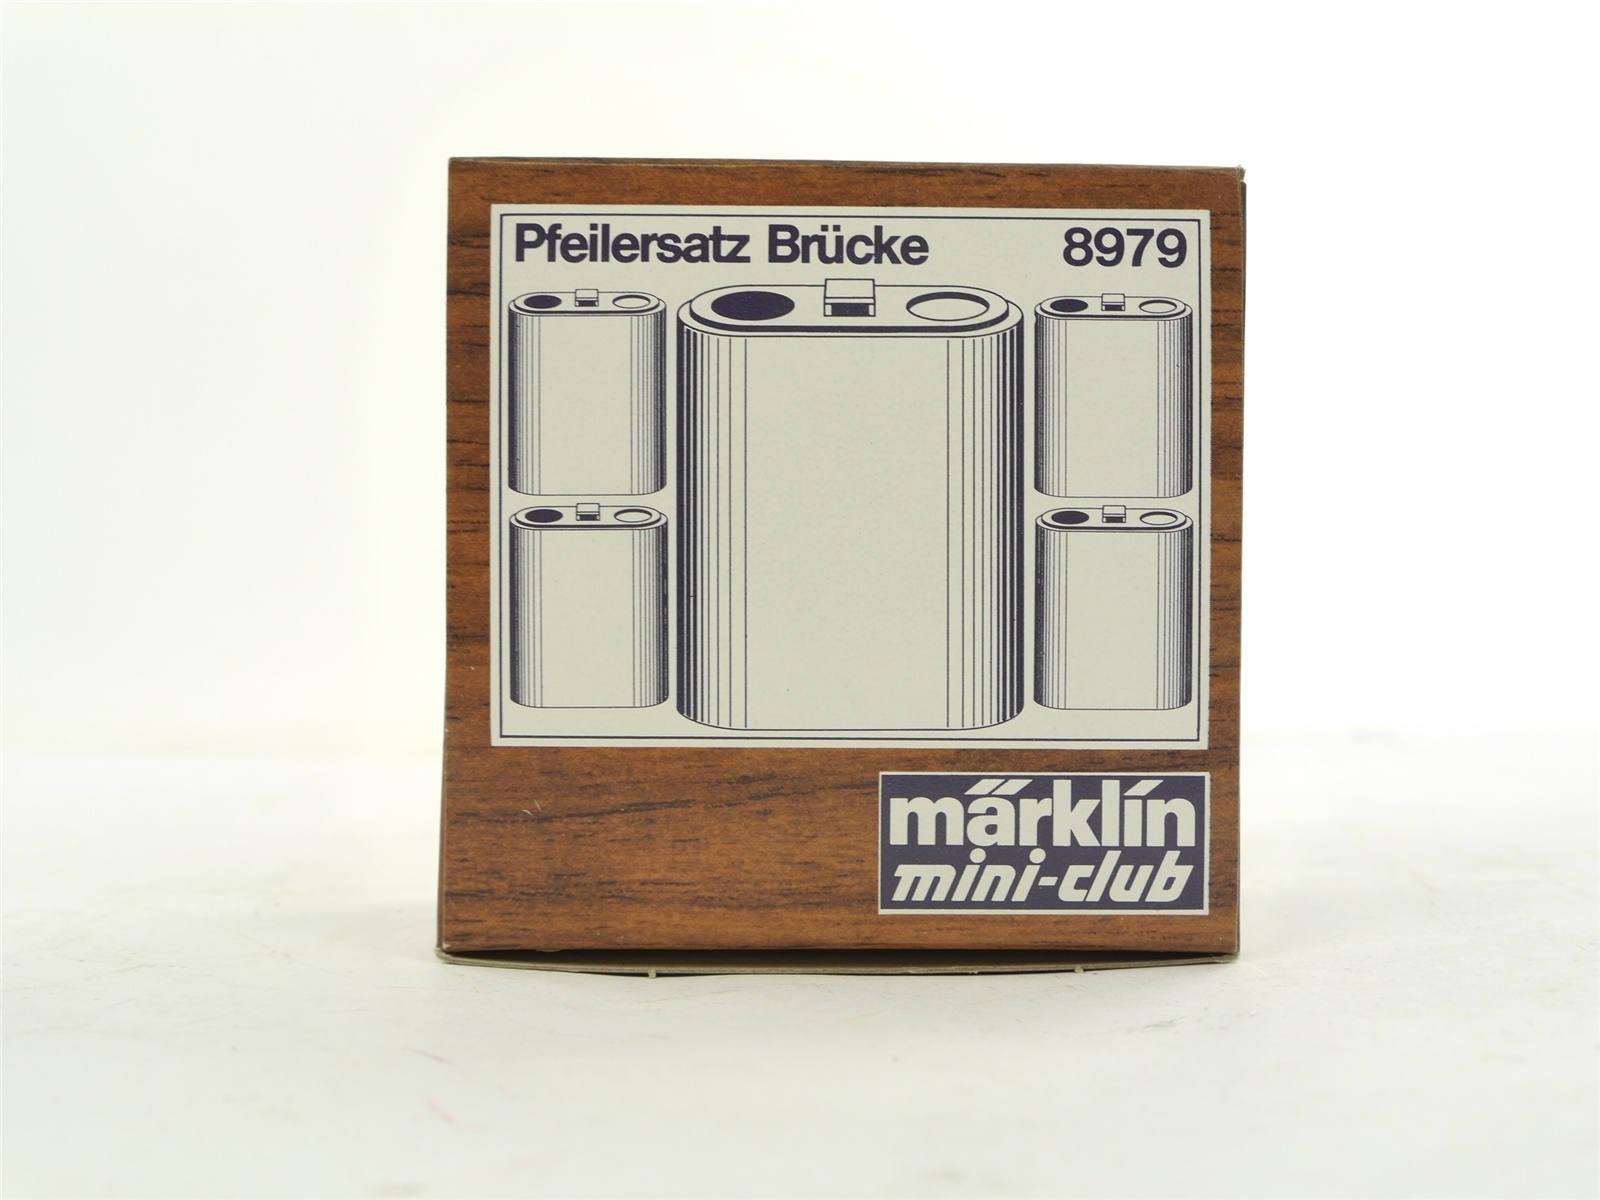 E227 Märklin mini-club Spur Z 8979 5x Brückenpfeiler Pfeiler / 40 mm *WIE NEU*